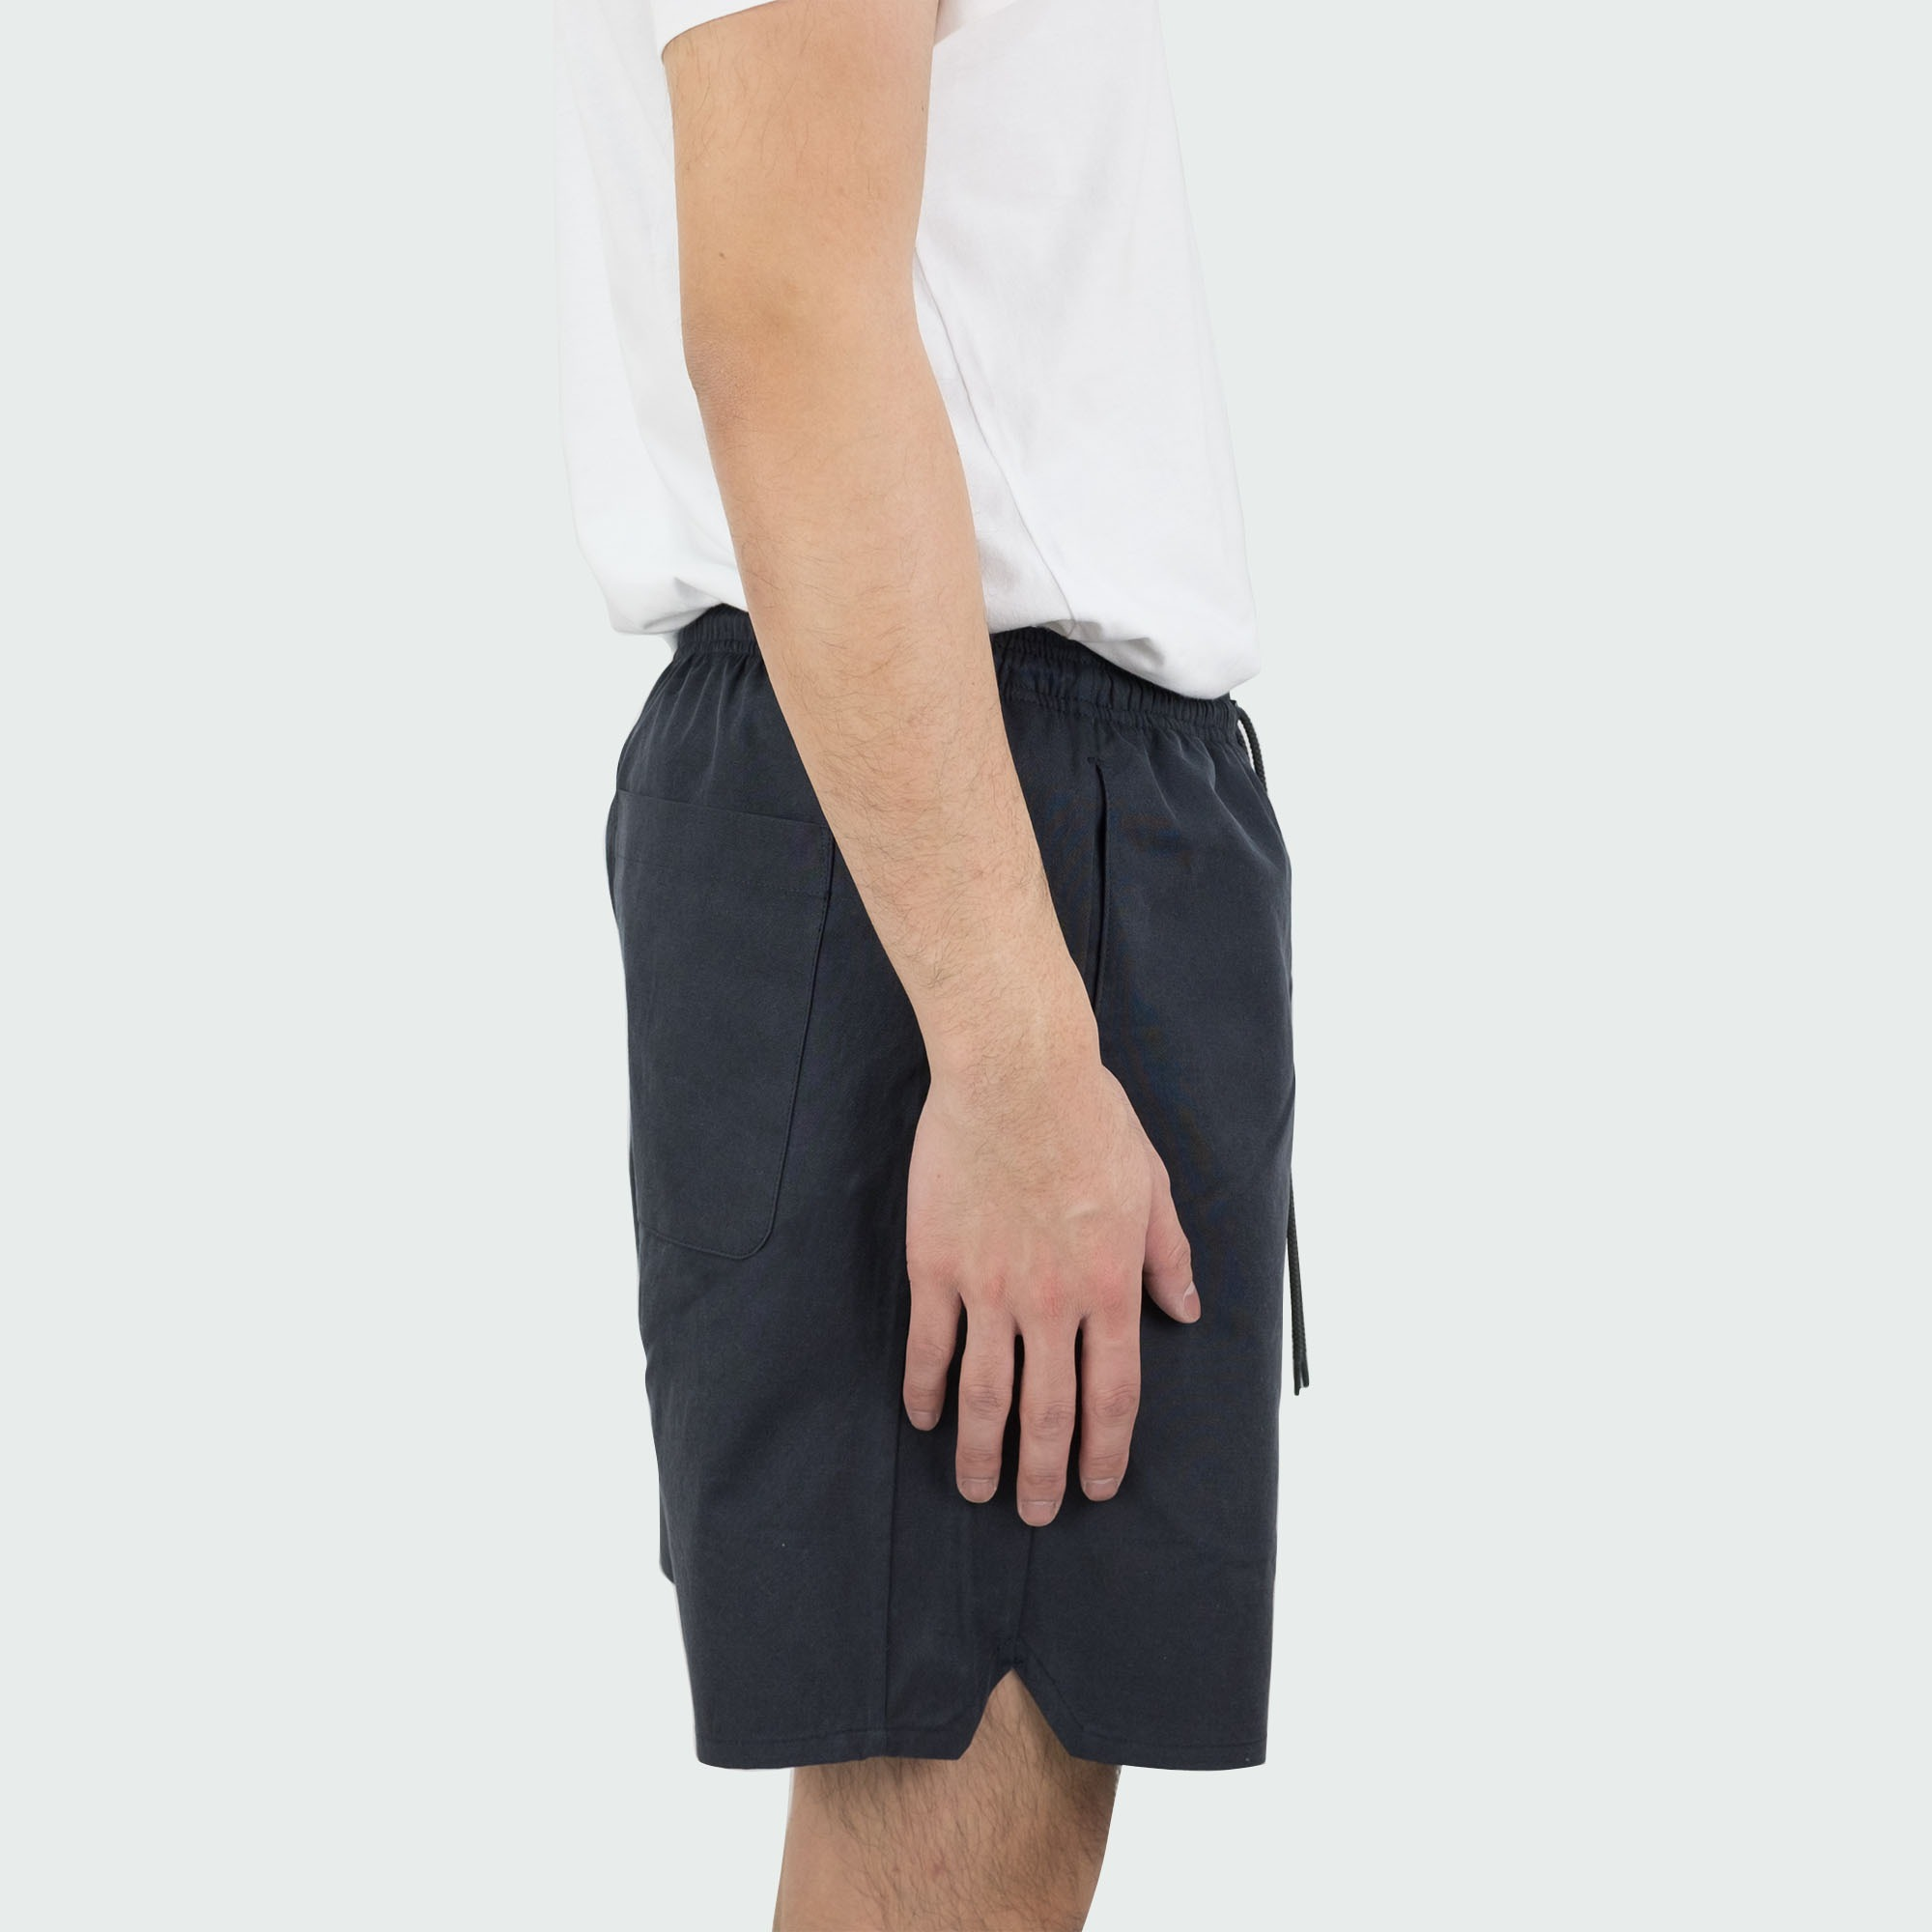 Kuro Sulfur Dyed NIDOM Training Shorts - Black